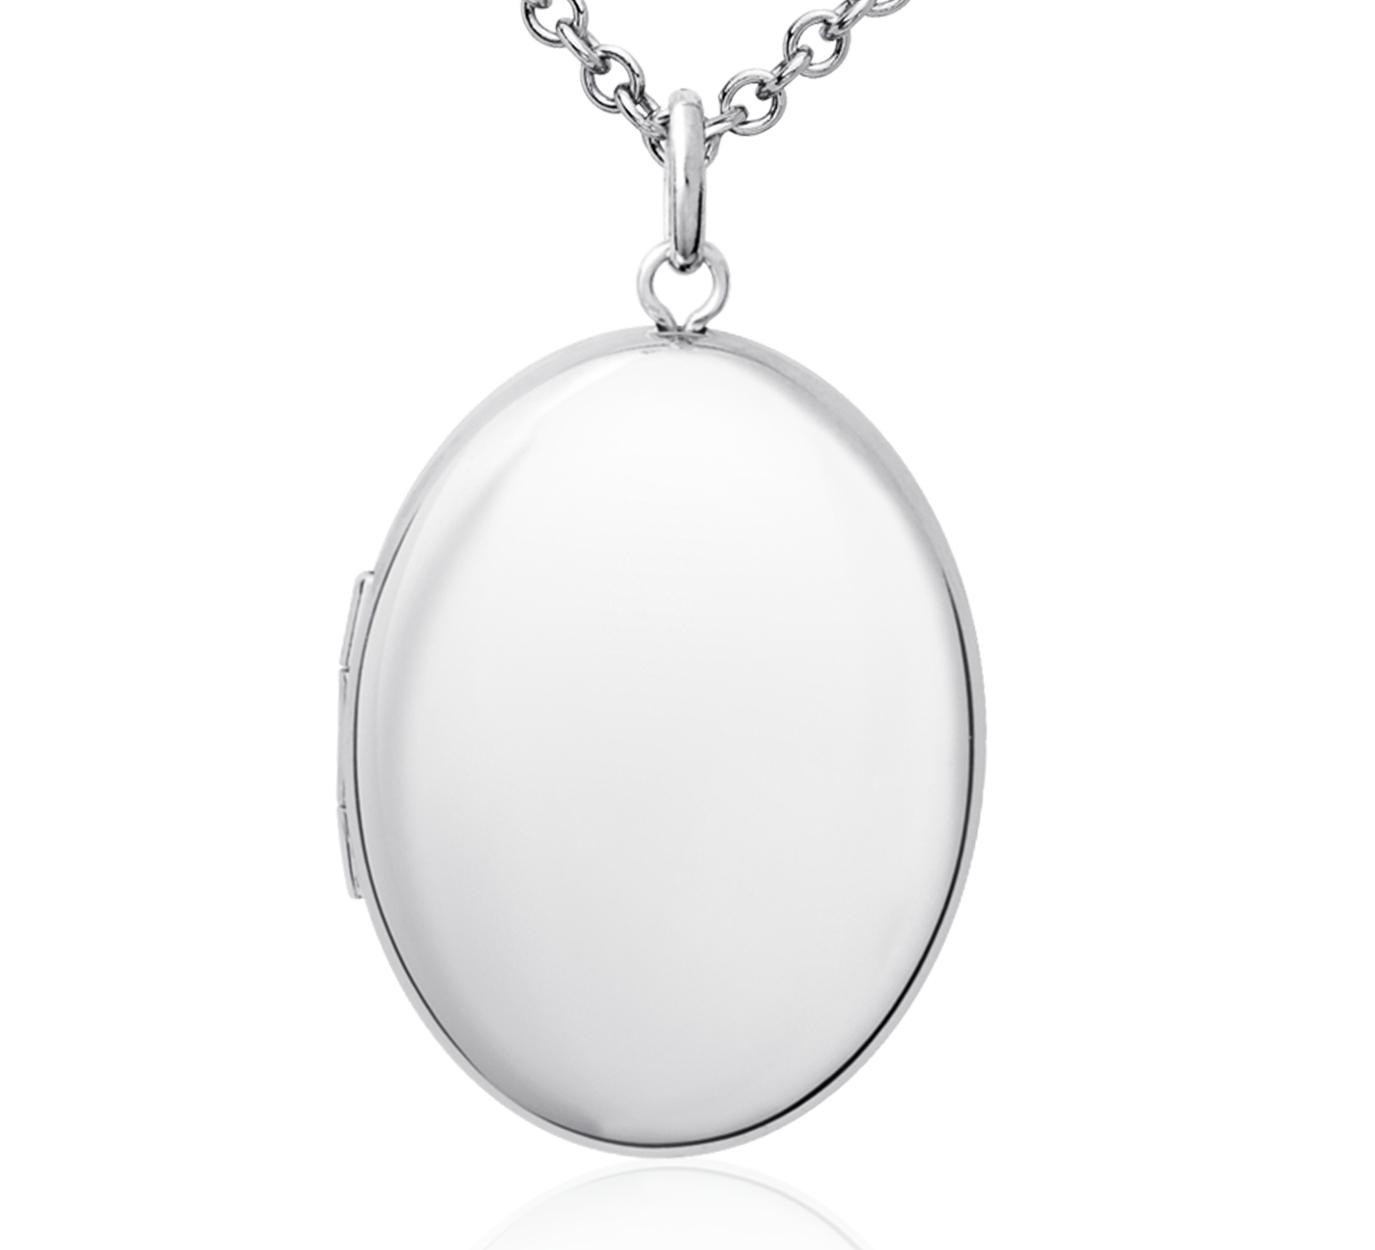 Oval Locket Pendant in Sterling Silver